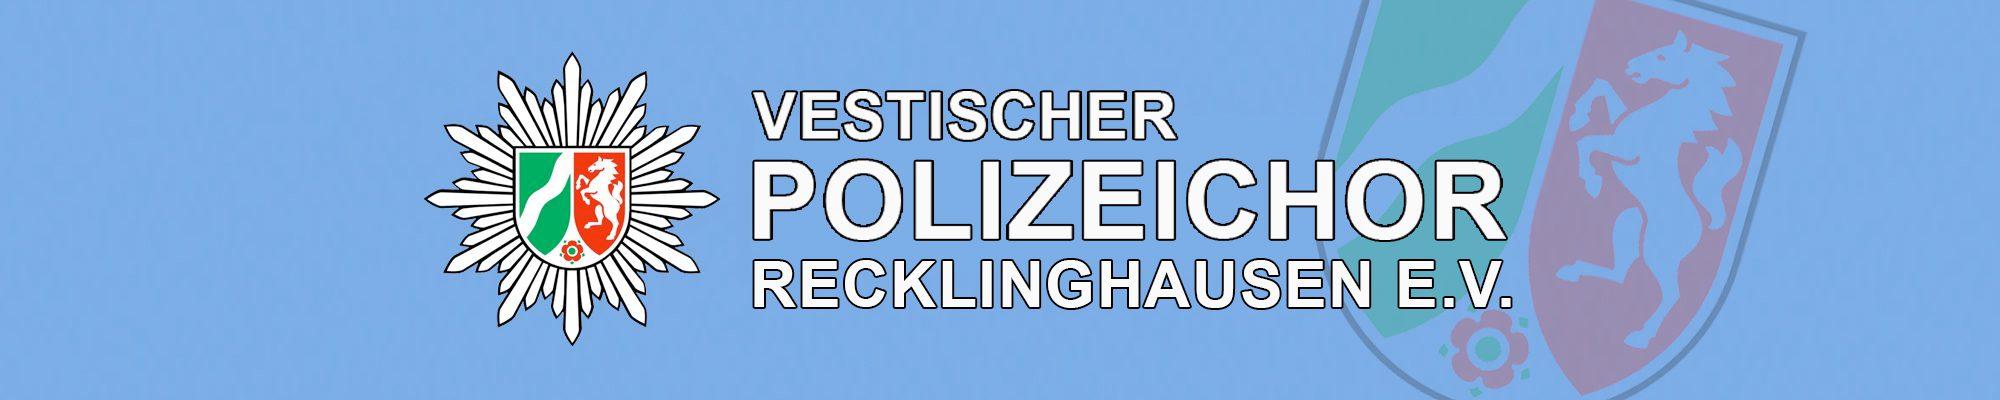 Vestischer Polizeichor Recklinghausen